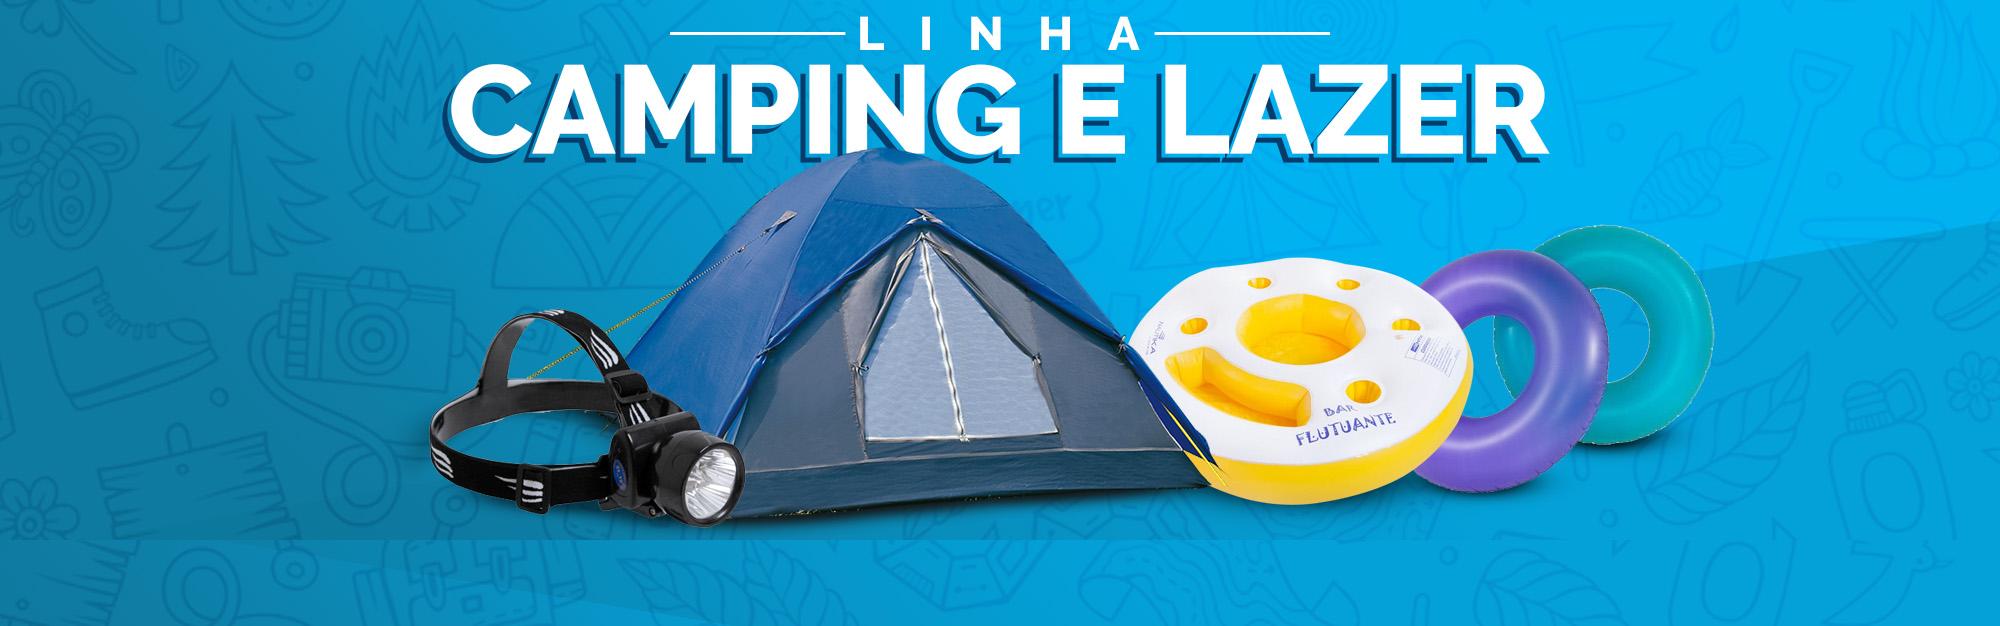 Linha Camping e Lazer